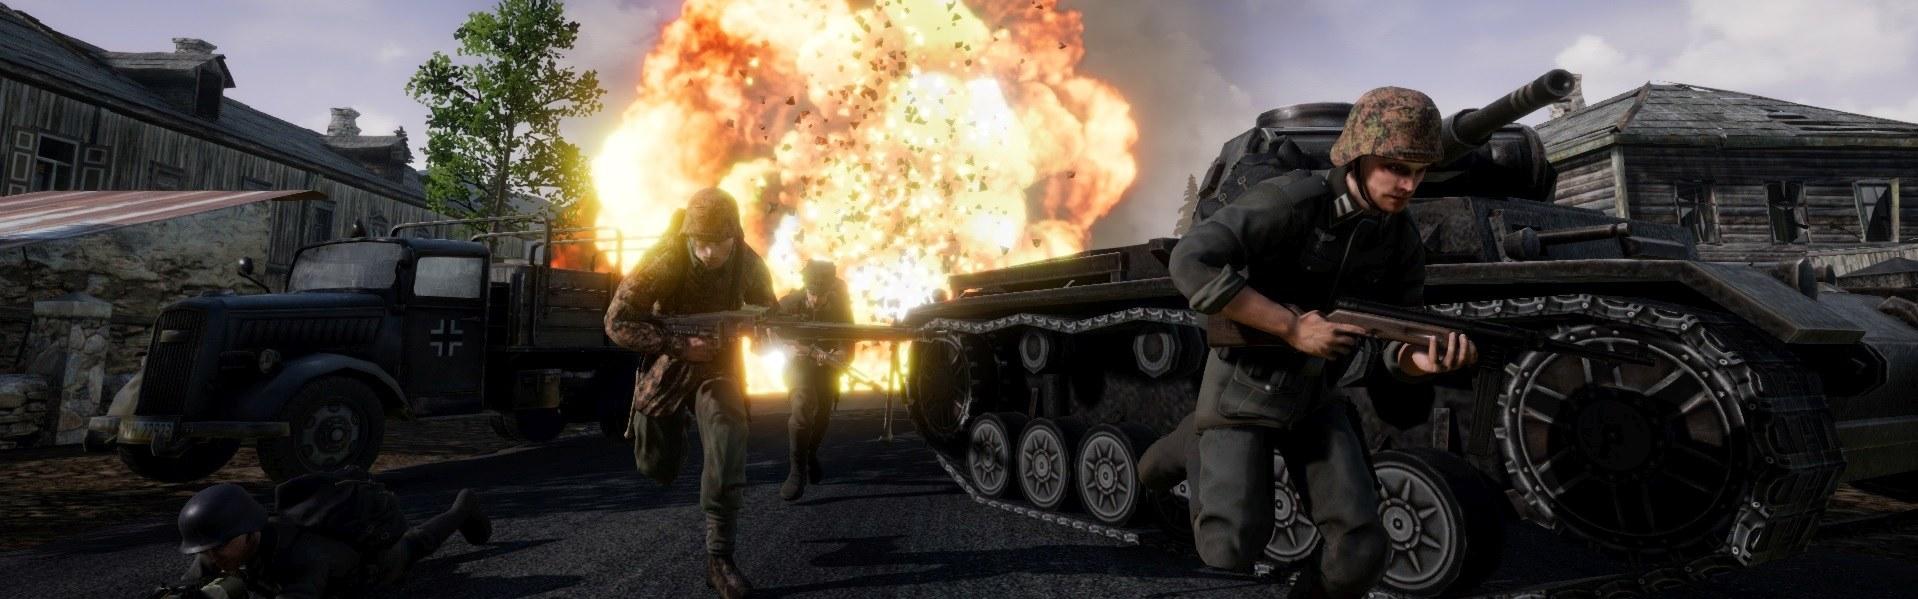 BattleRush 2 Steam CD Key | Steam | Region free